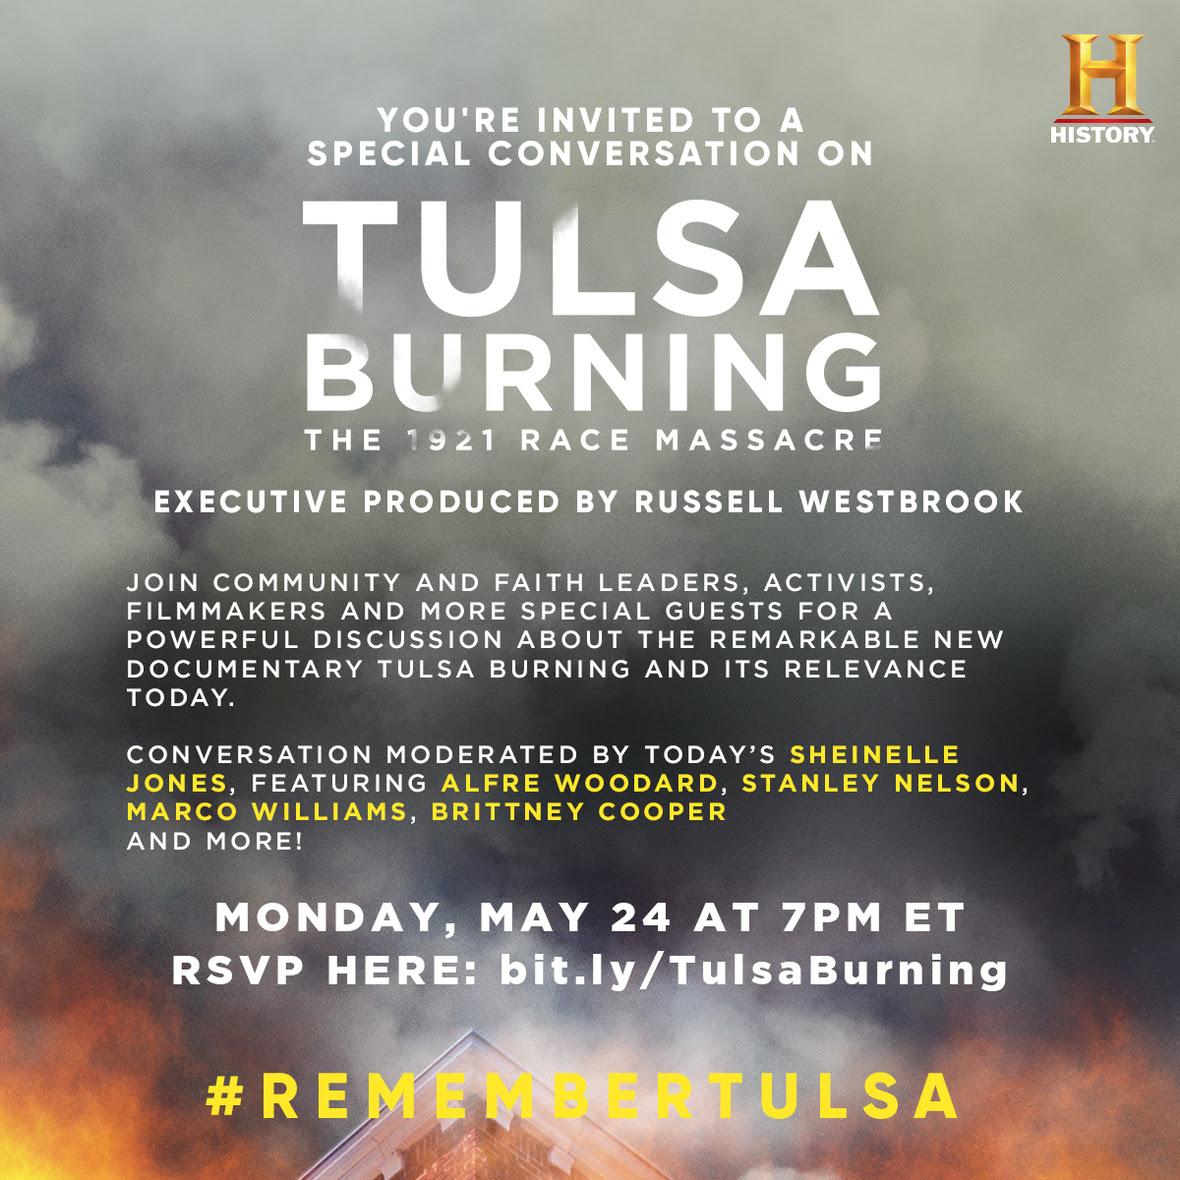 tulsa-burning-1200-1200